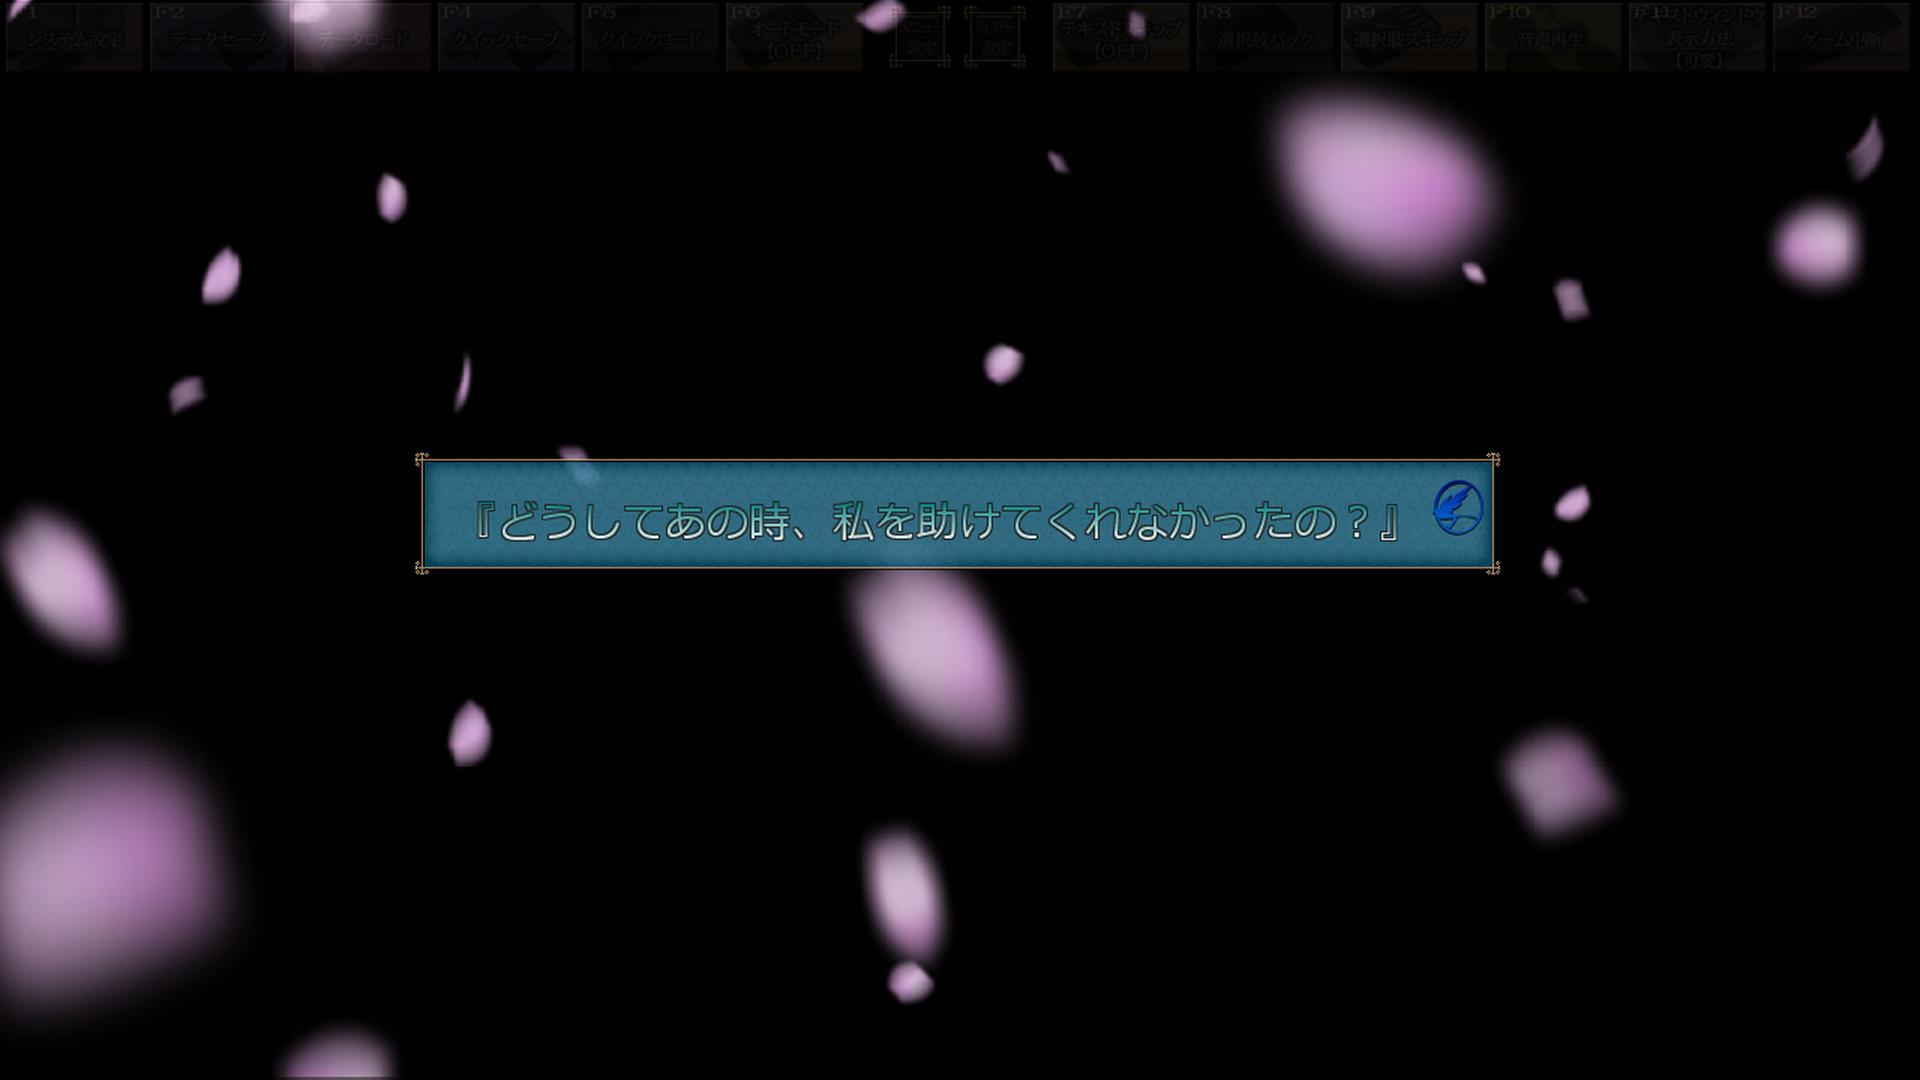 screeenshot-20200726133225521.jpg